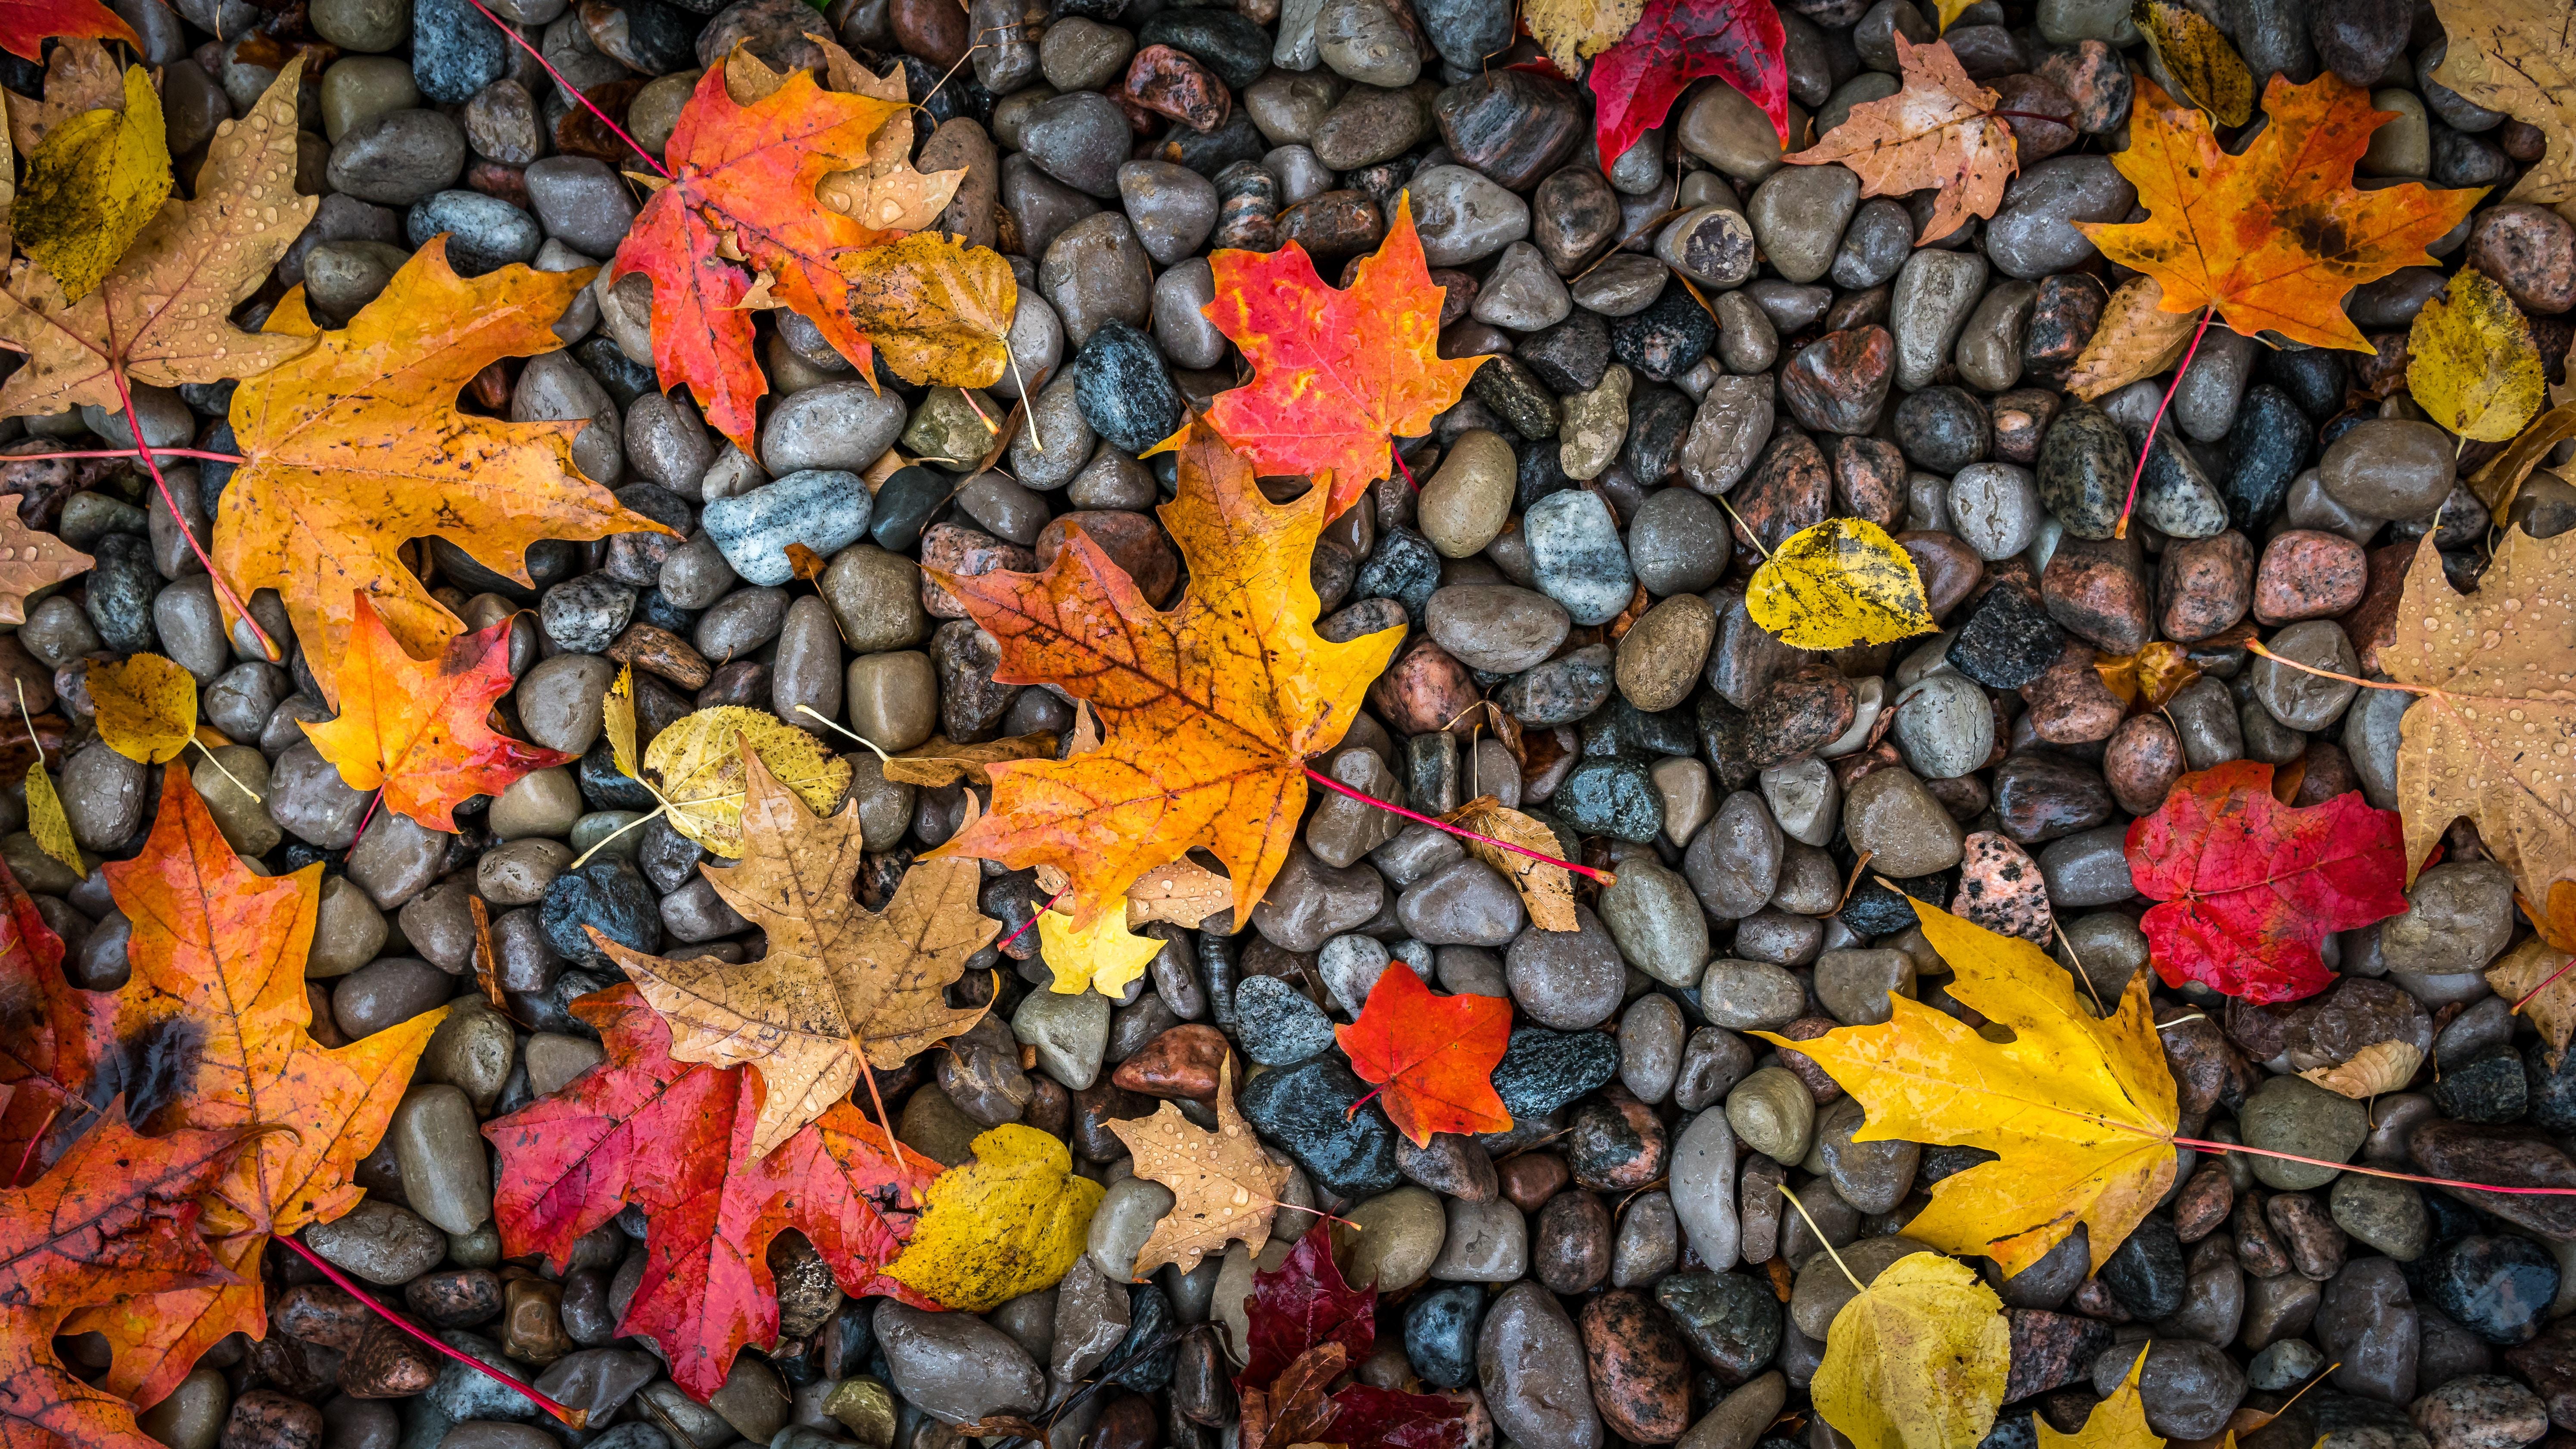 104829 завантажити шпалери Листя, Природа, Камені, Осінь, Клен, Вологий - заставки і картинки безкоштовно